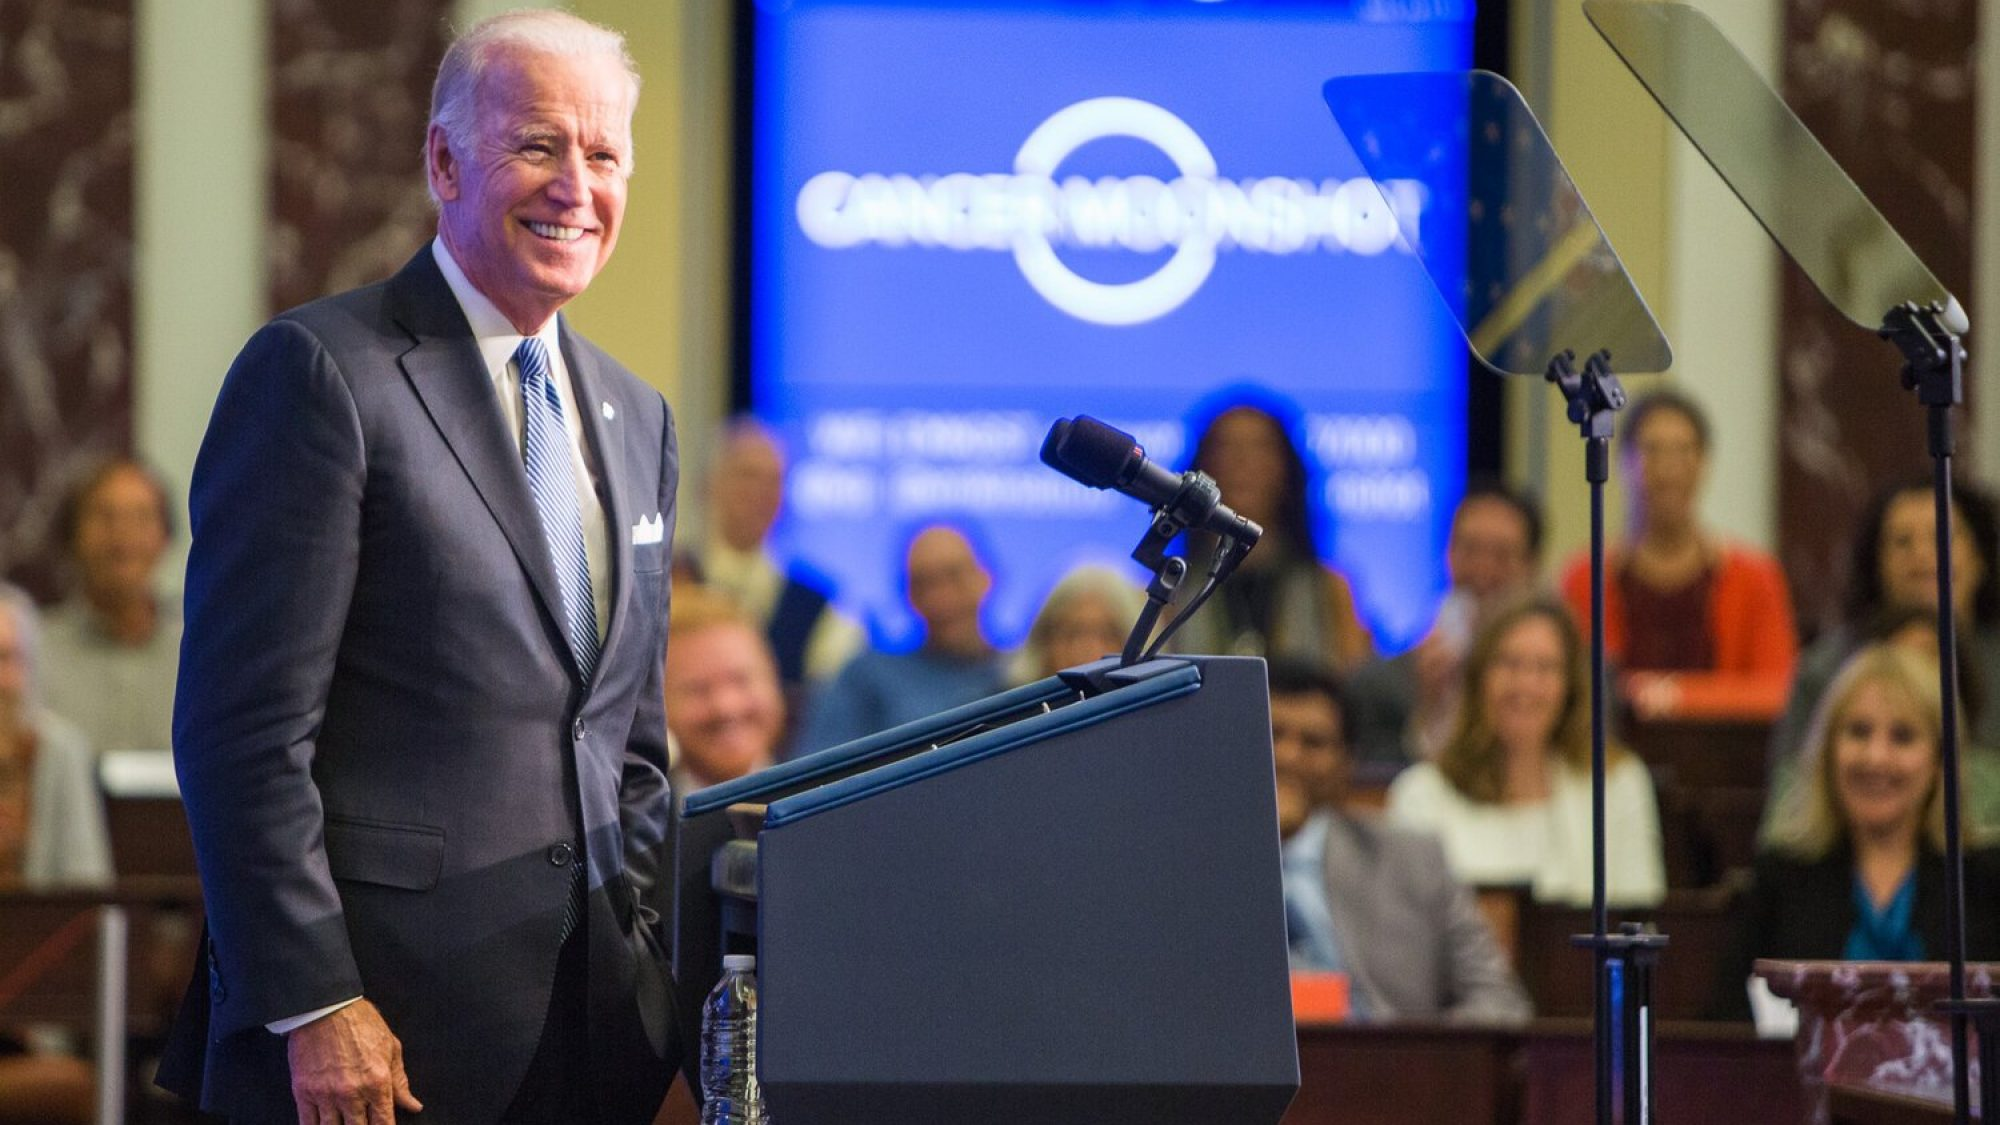 Biden Speaks at Climate Summit